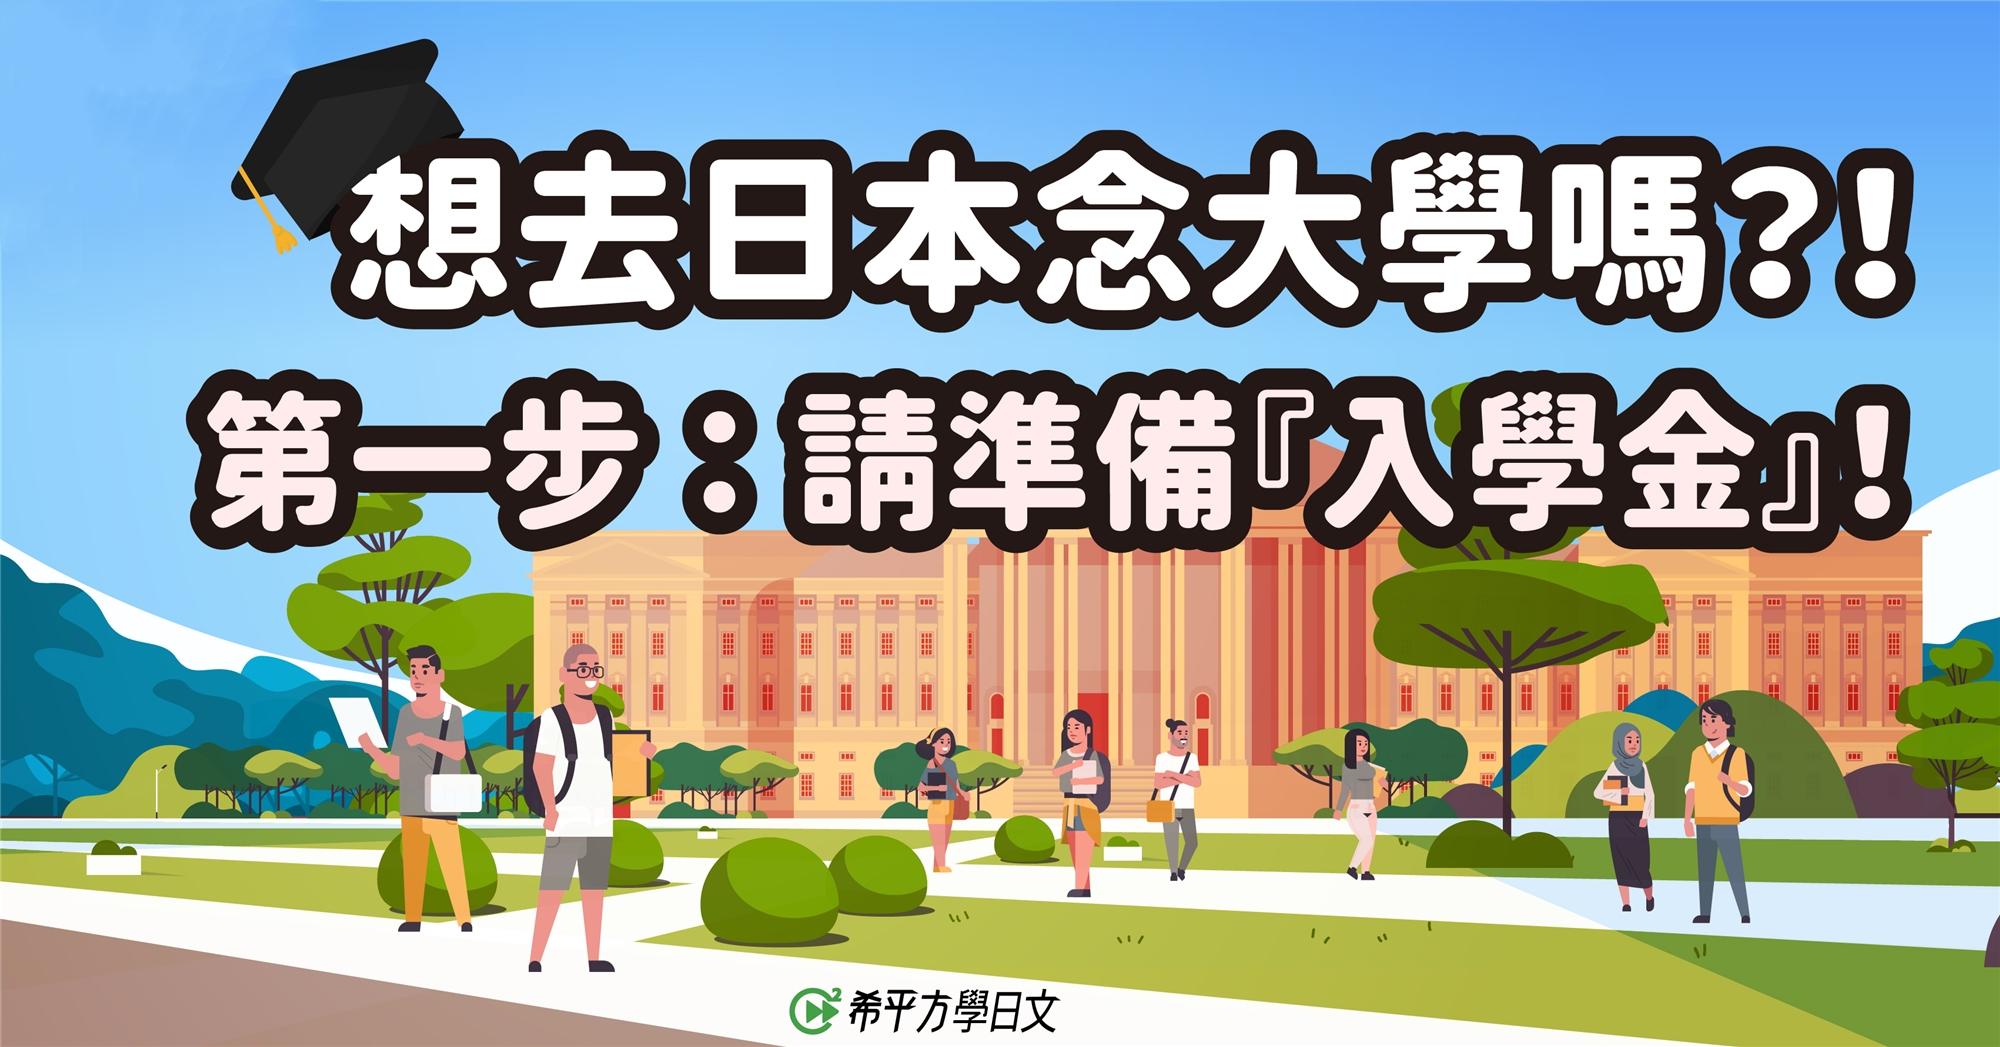 【深度日本】想去日本念大學嗎?!第一步:請準備『入學金』!